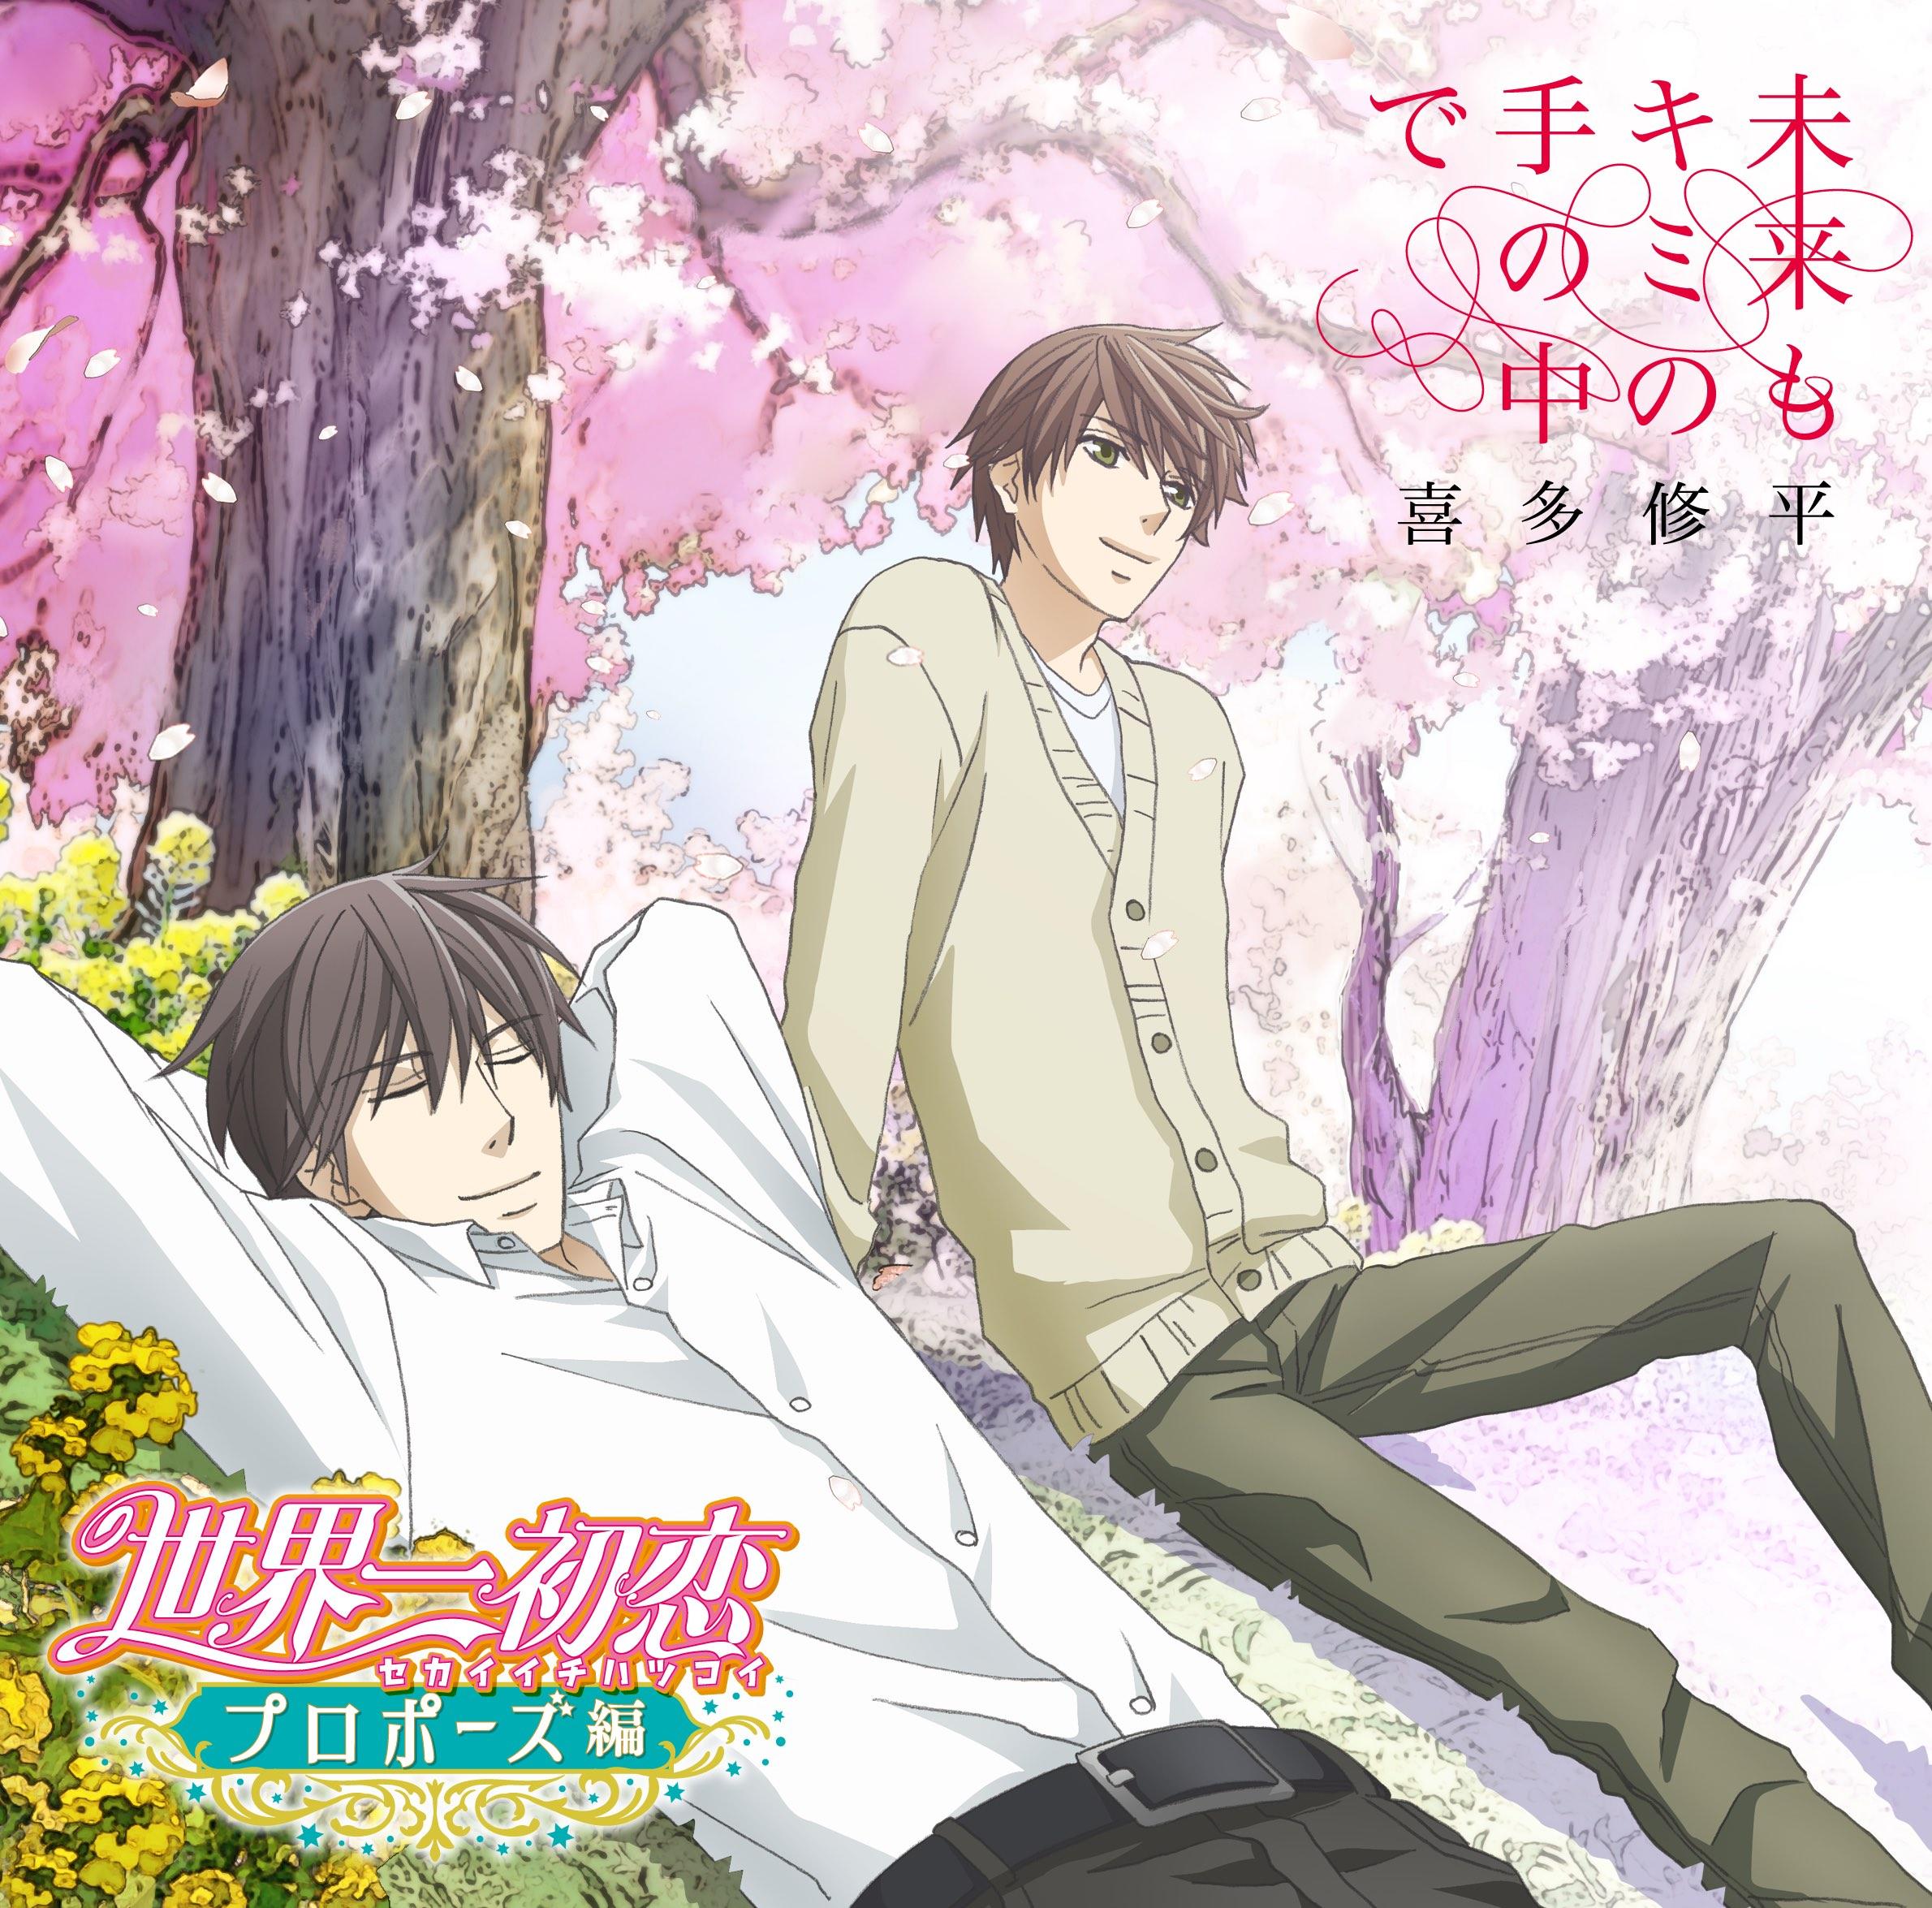 Shuhei Kita - Mirai mo Kimi no Te no Naka de   喜多修平 / 未来もキミの手の中で